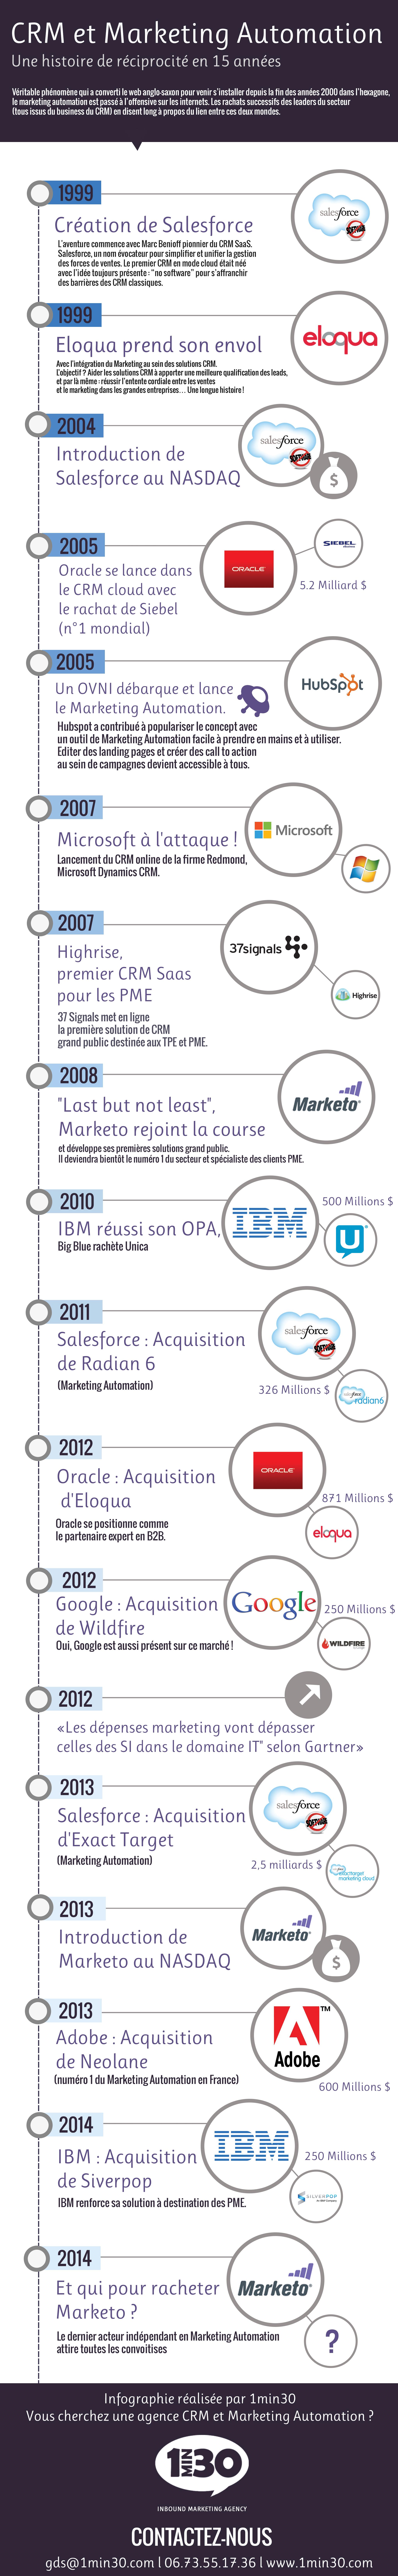 Histoire des rachats CRM et Marketing Automation ces 15 dernières années